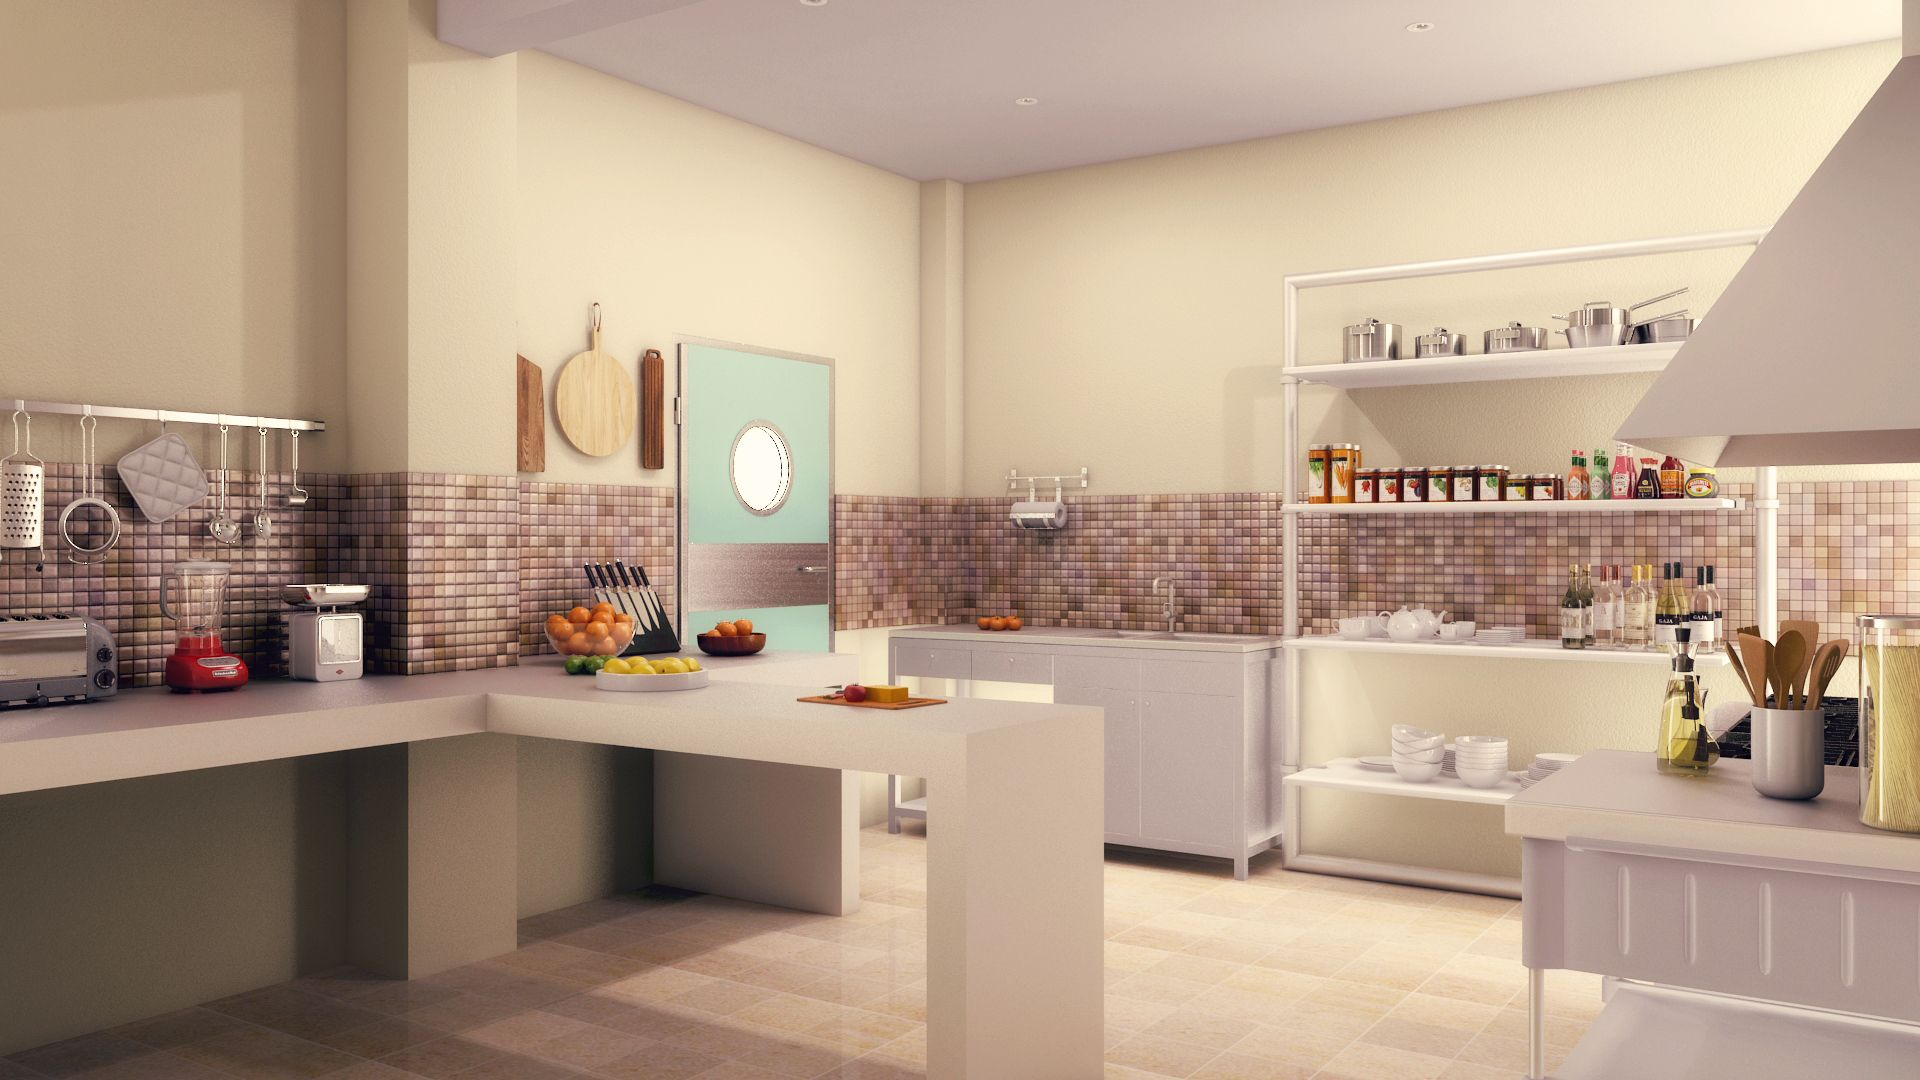 Cocina para salon de eventos Diseño y Render: Arq. Abraham Gonzalez ...